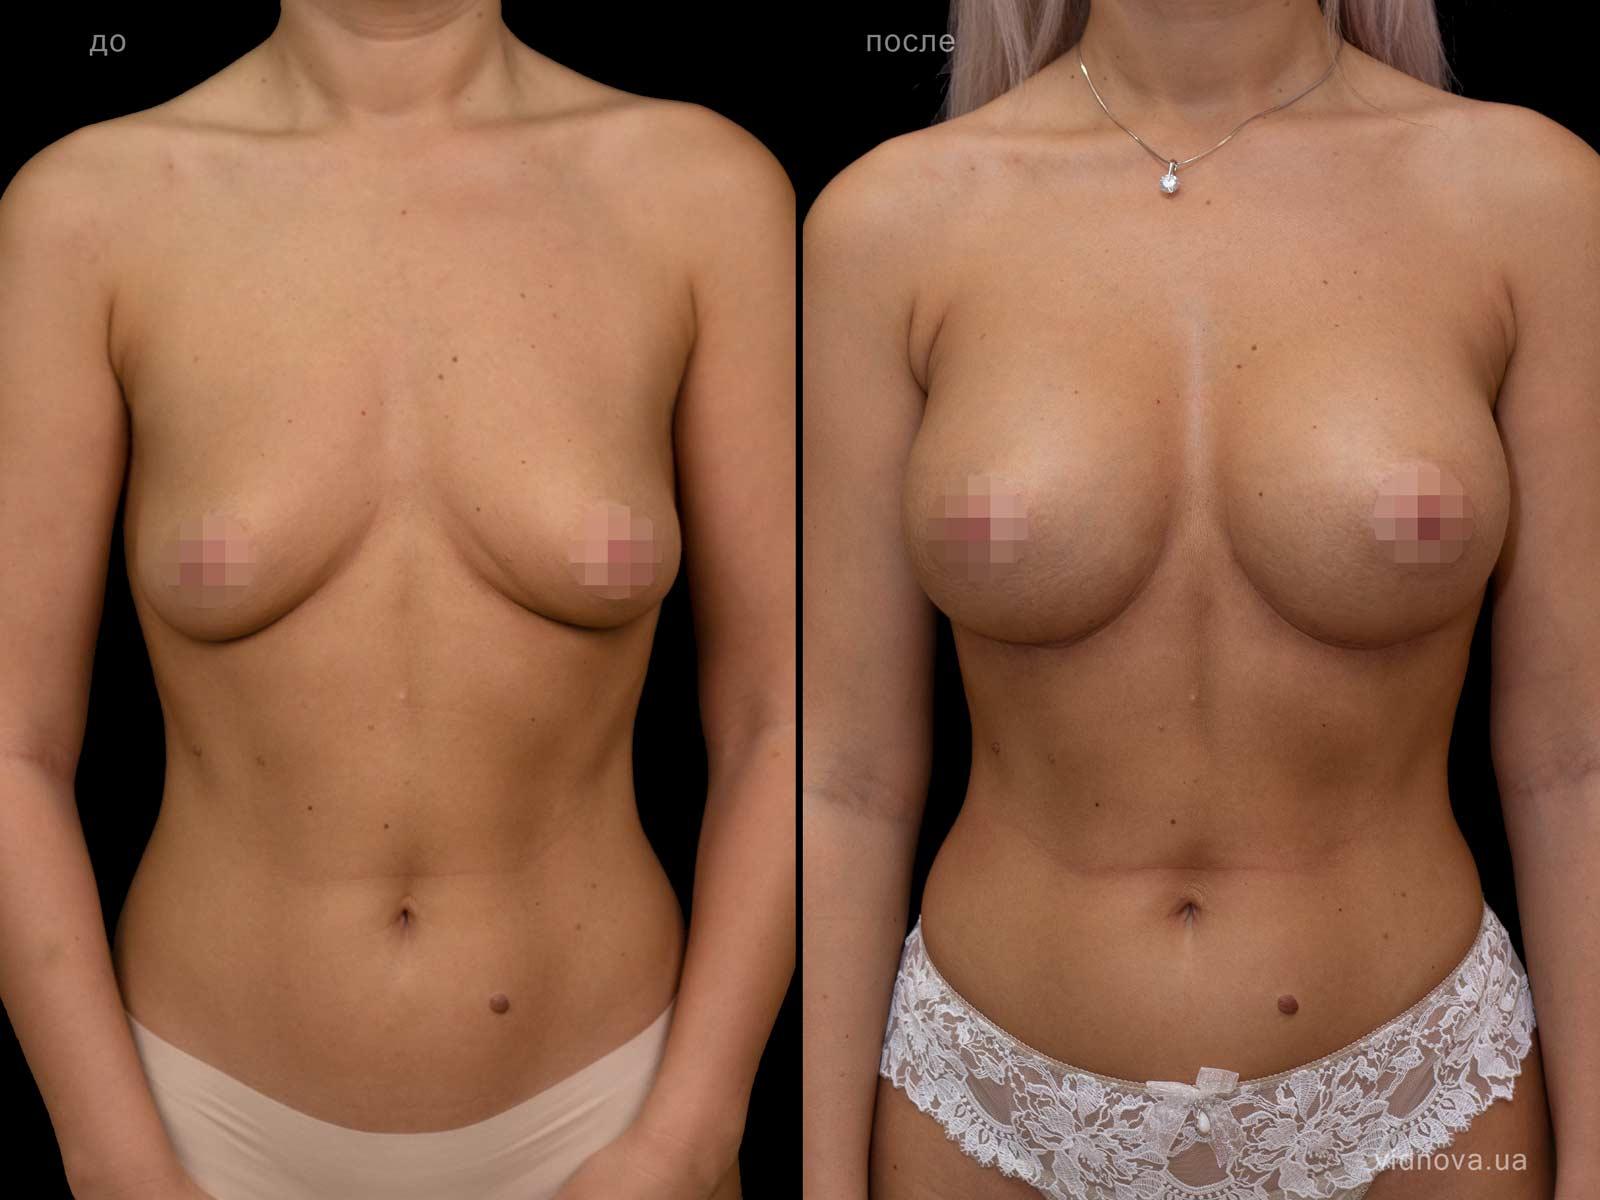 Пластика груди: результаты до и после - Пример №129-1 - Светлана Работенко